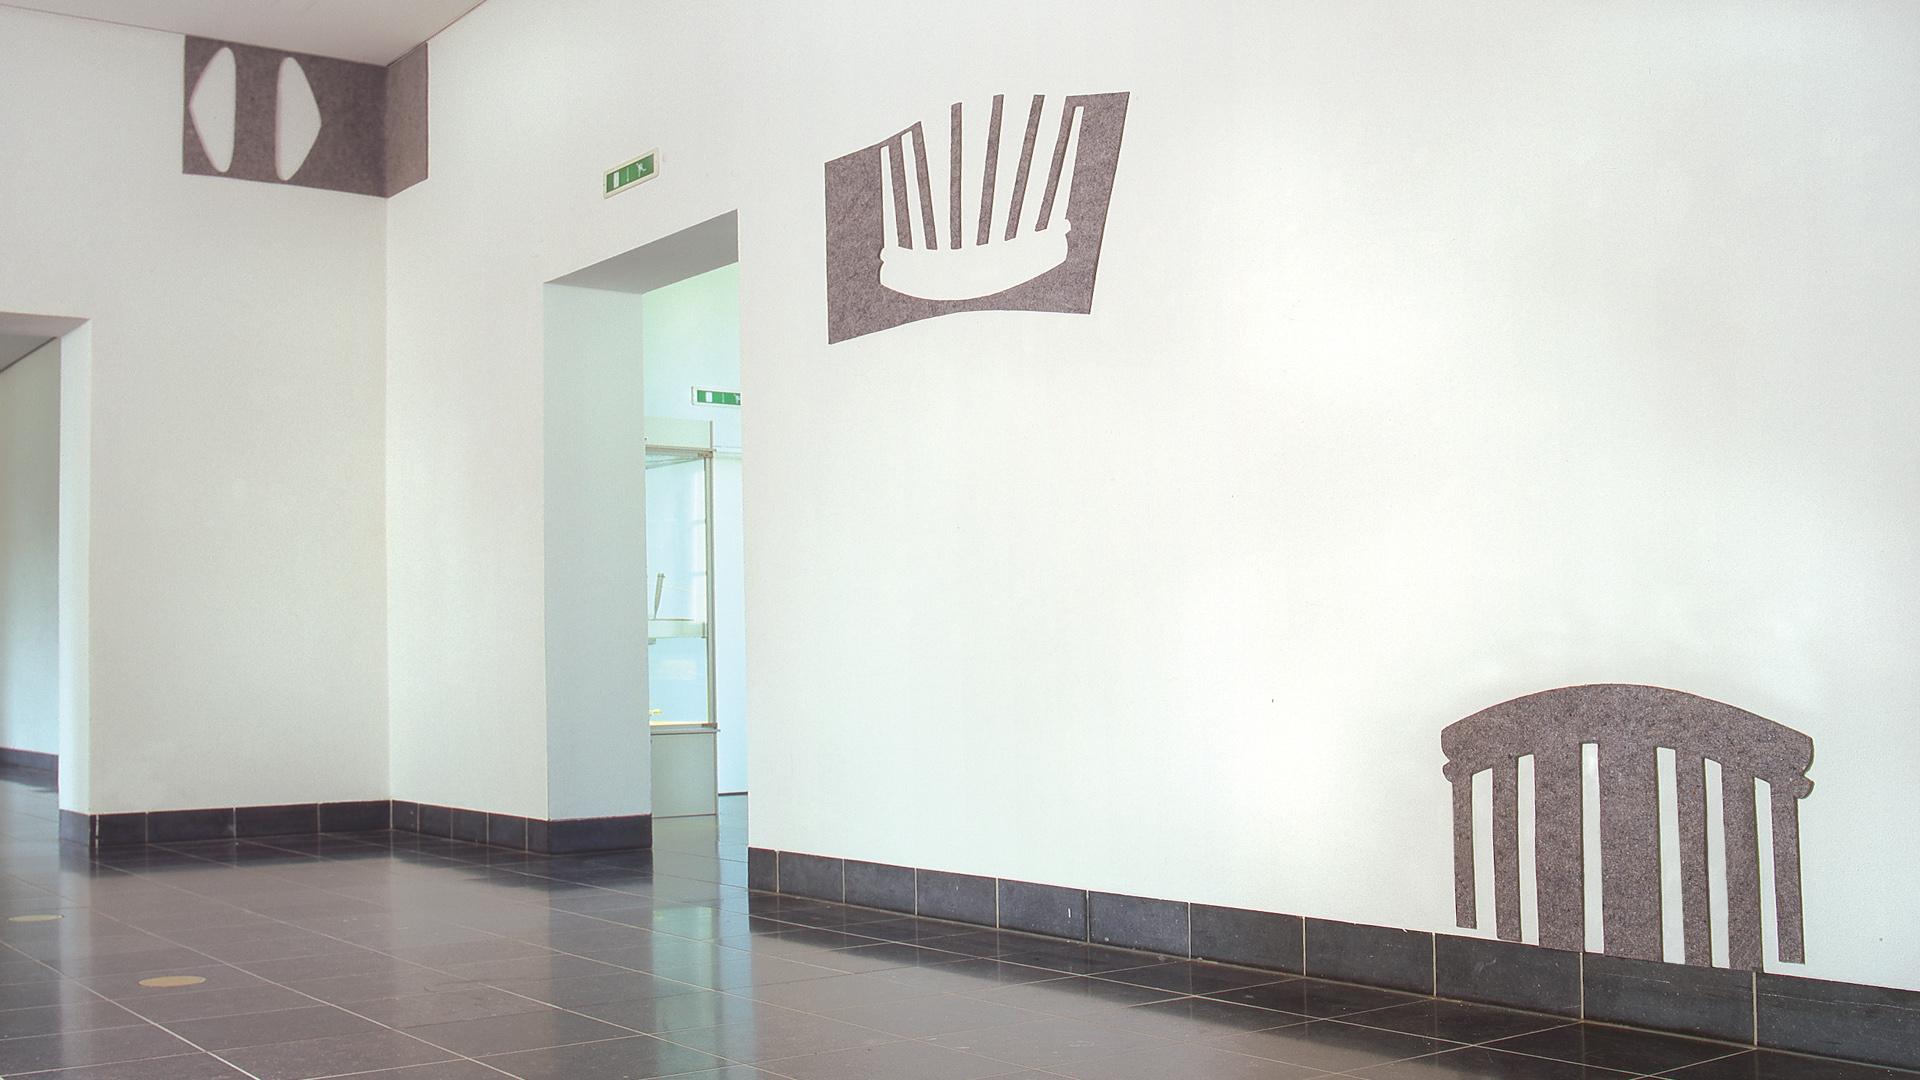 Filz - aus der Serie: Resistente Schatten (Des Ombres Résistantes ) -  Berg. Kunstausstellung - Klingenmus. Solingen